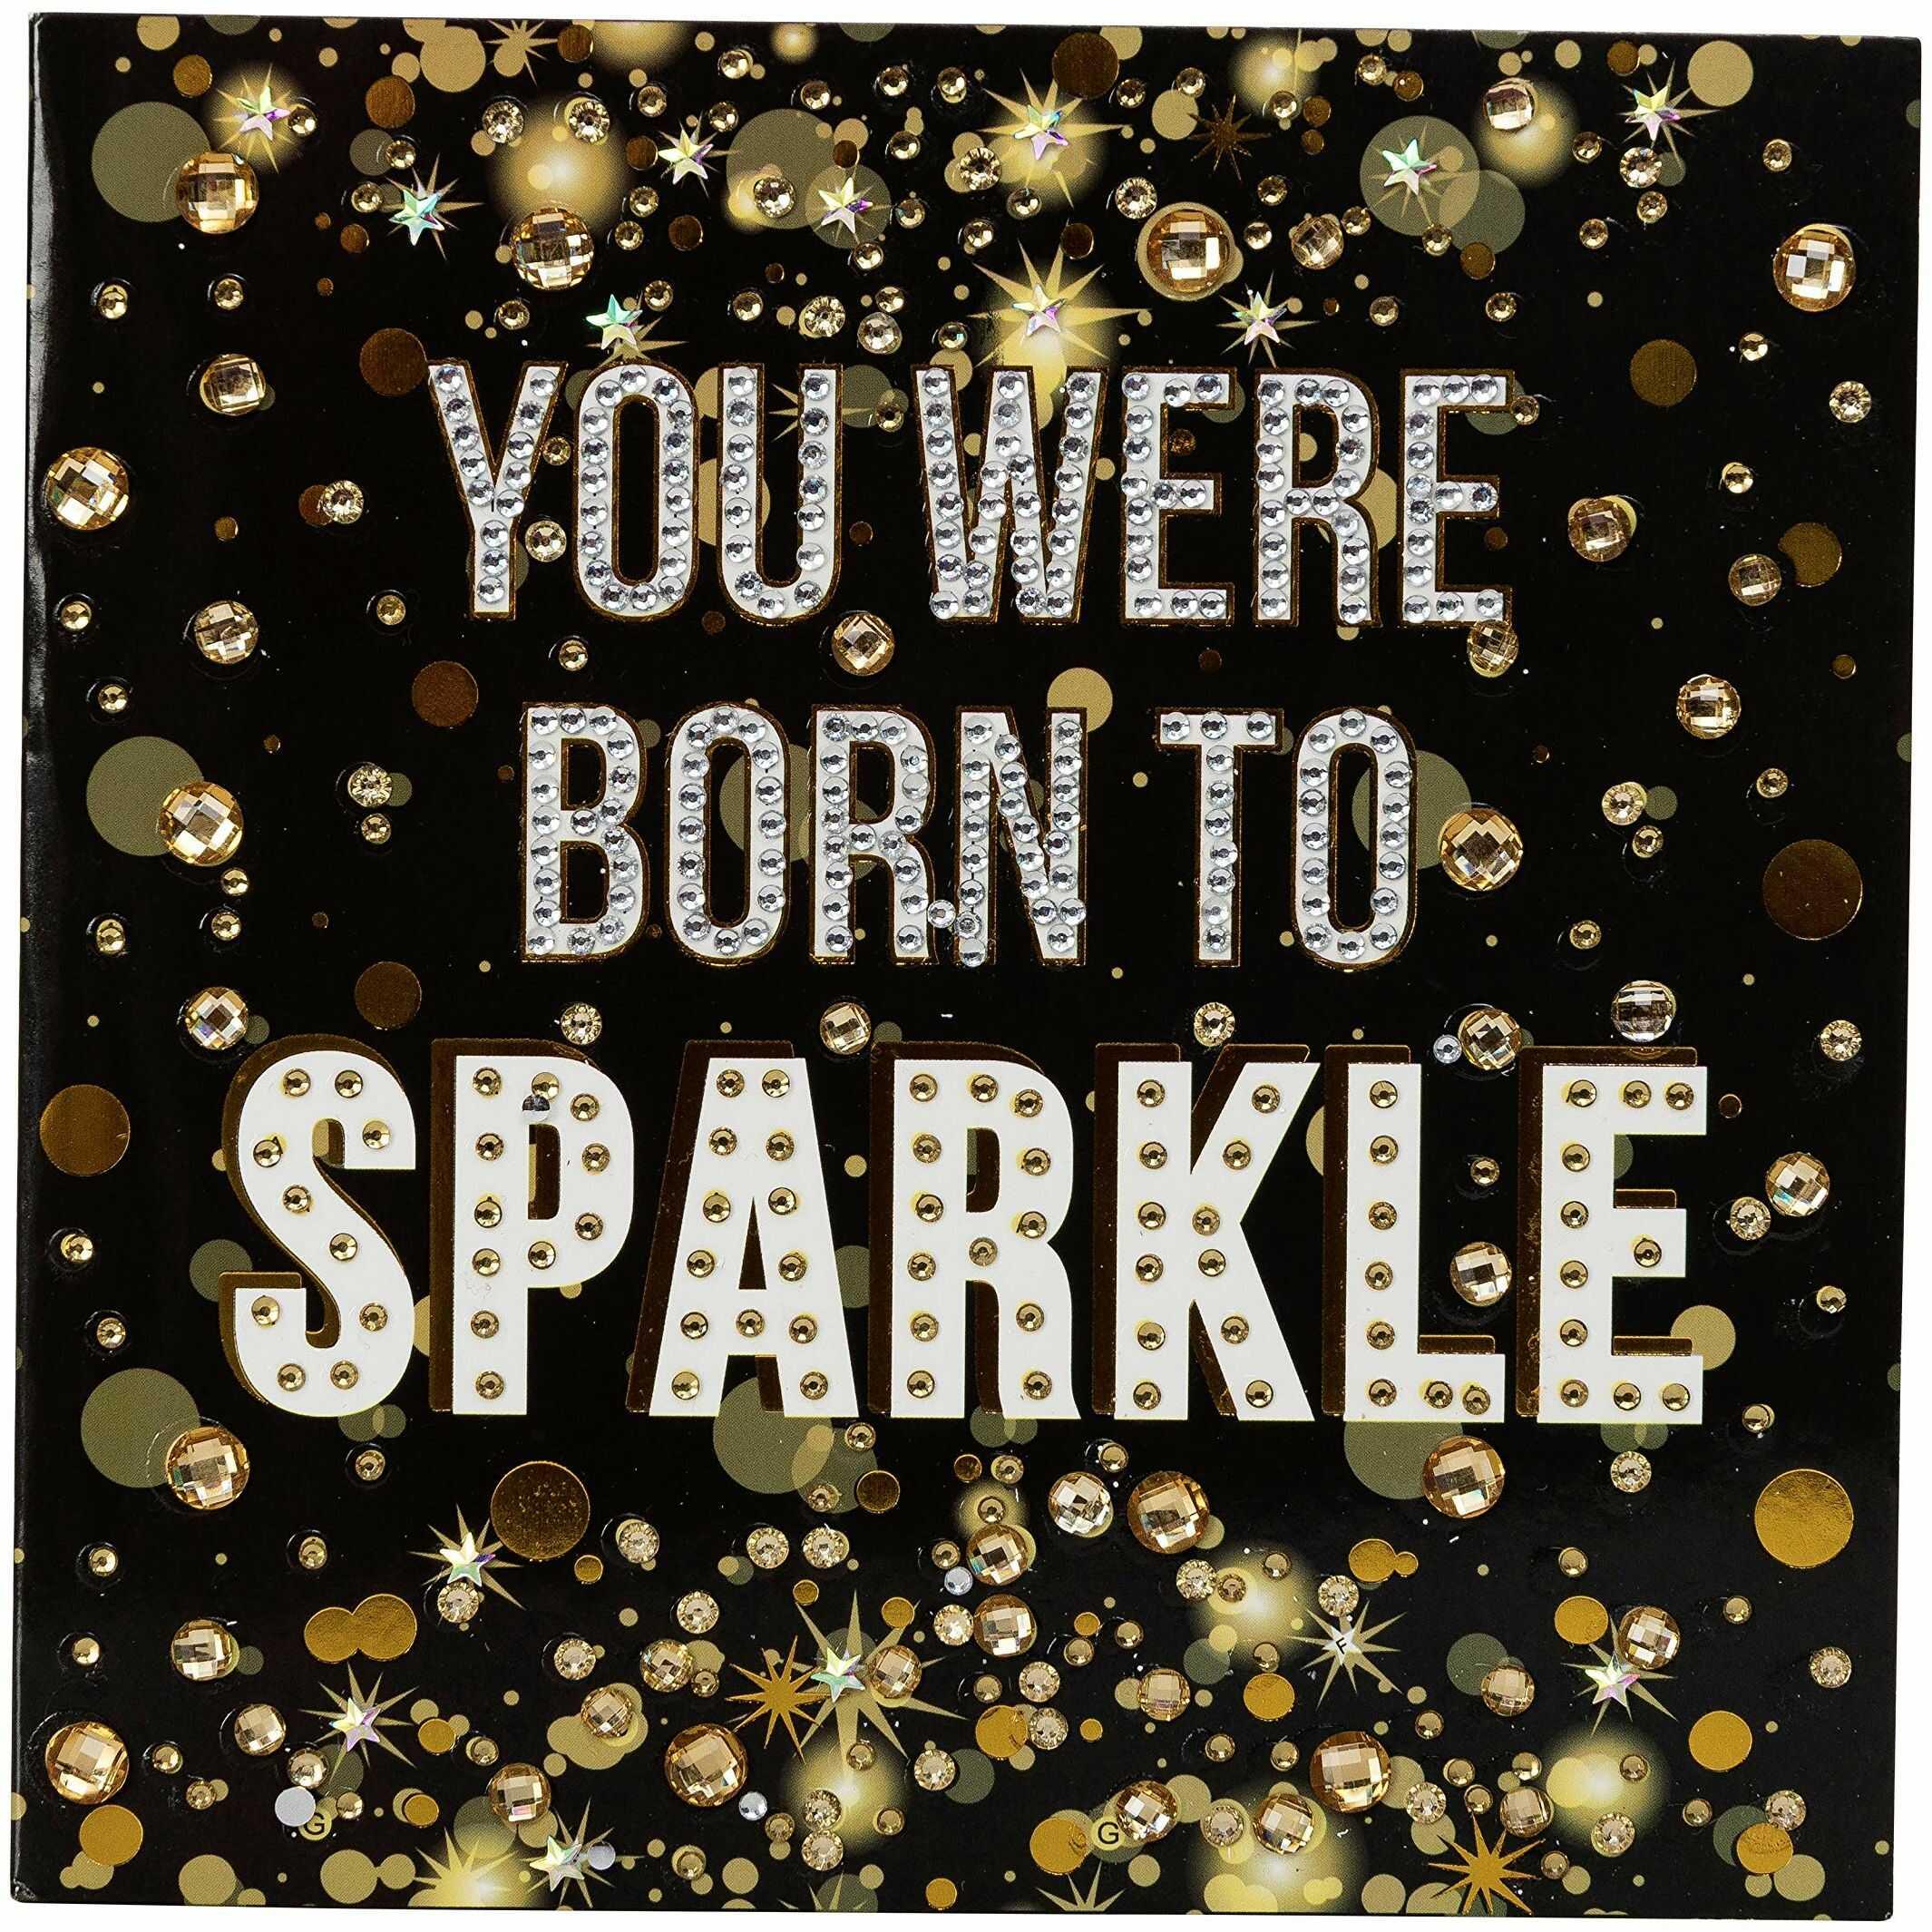 Crystal Art Born to Sparkle zestaw kart artystycznych 18 x 18 cm